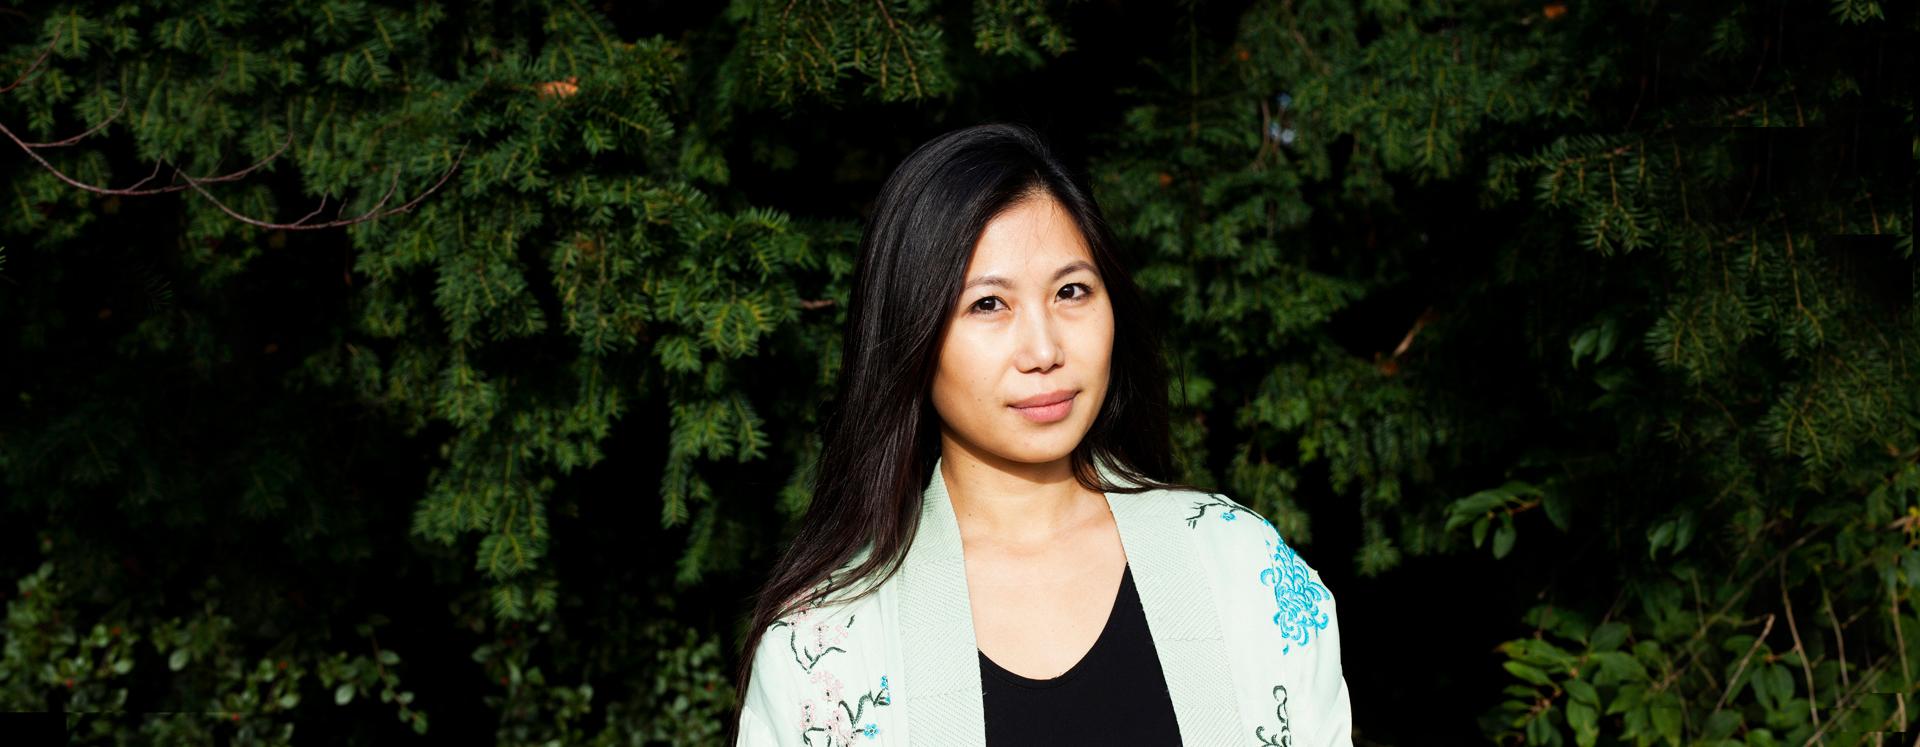 Voldsudsat kvinde på krisecenter står ved buske med solen i ansigtet